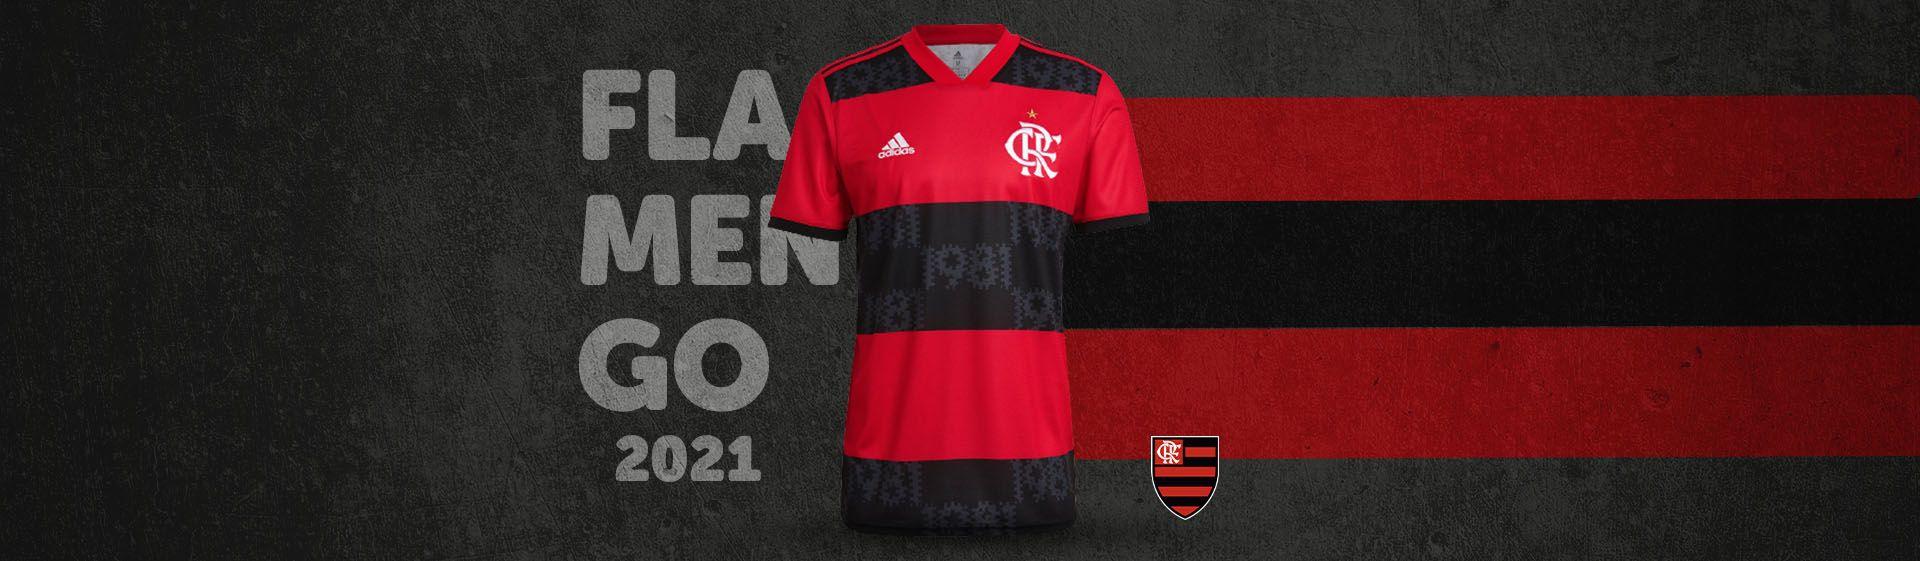 Camisa do Flamengo: camisas do Flamengo para comprar em 2021